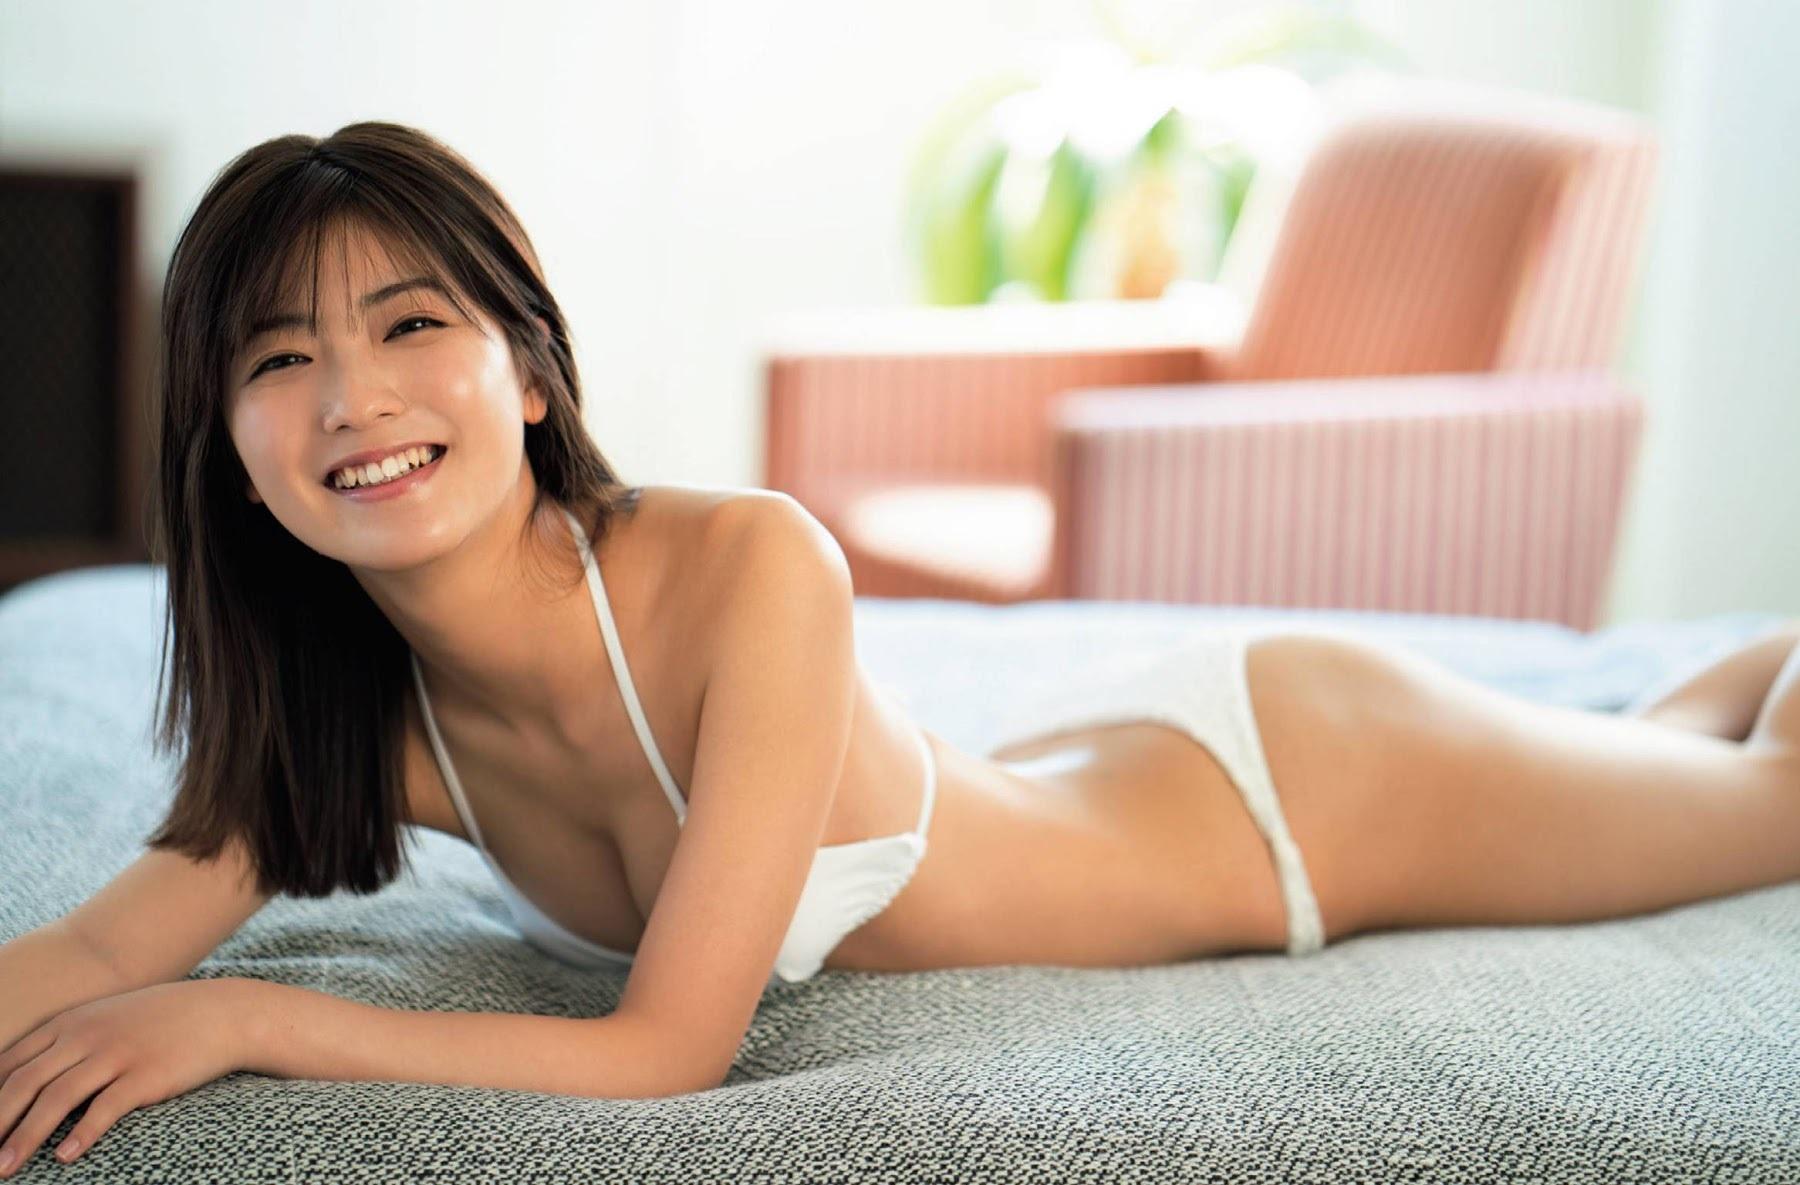 Kiramei Pinks fresh and beautiful body Miku Kudo004